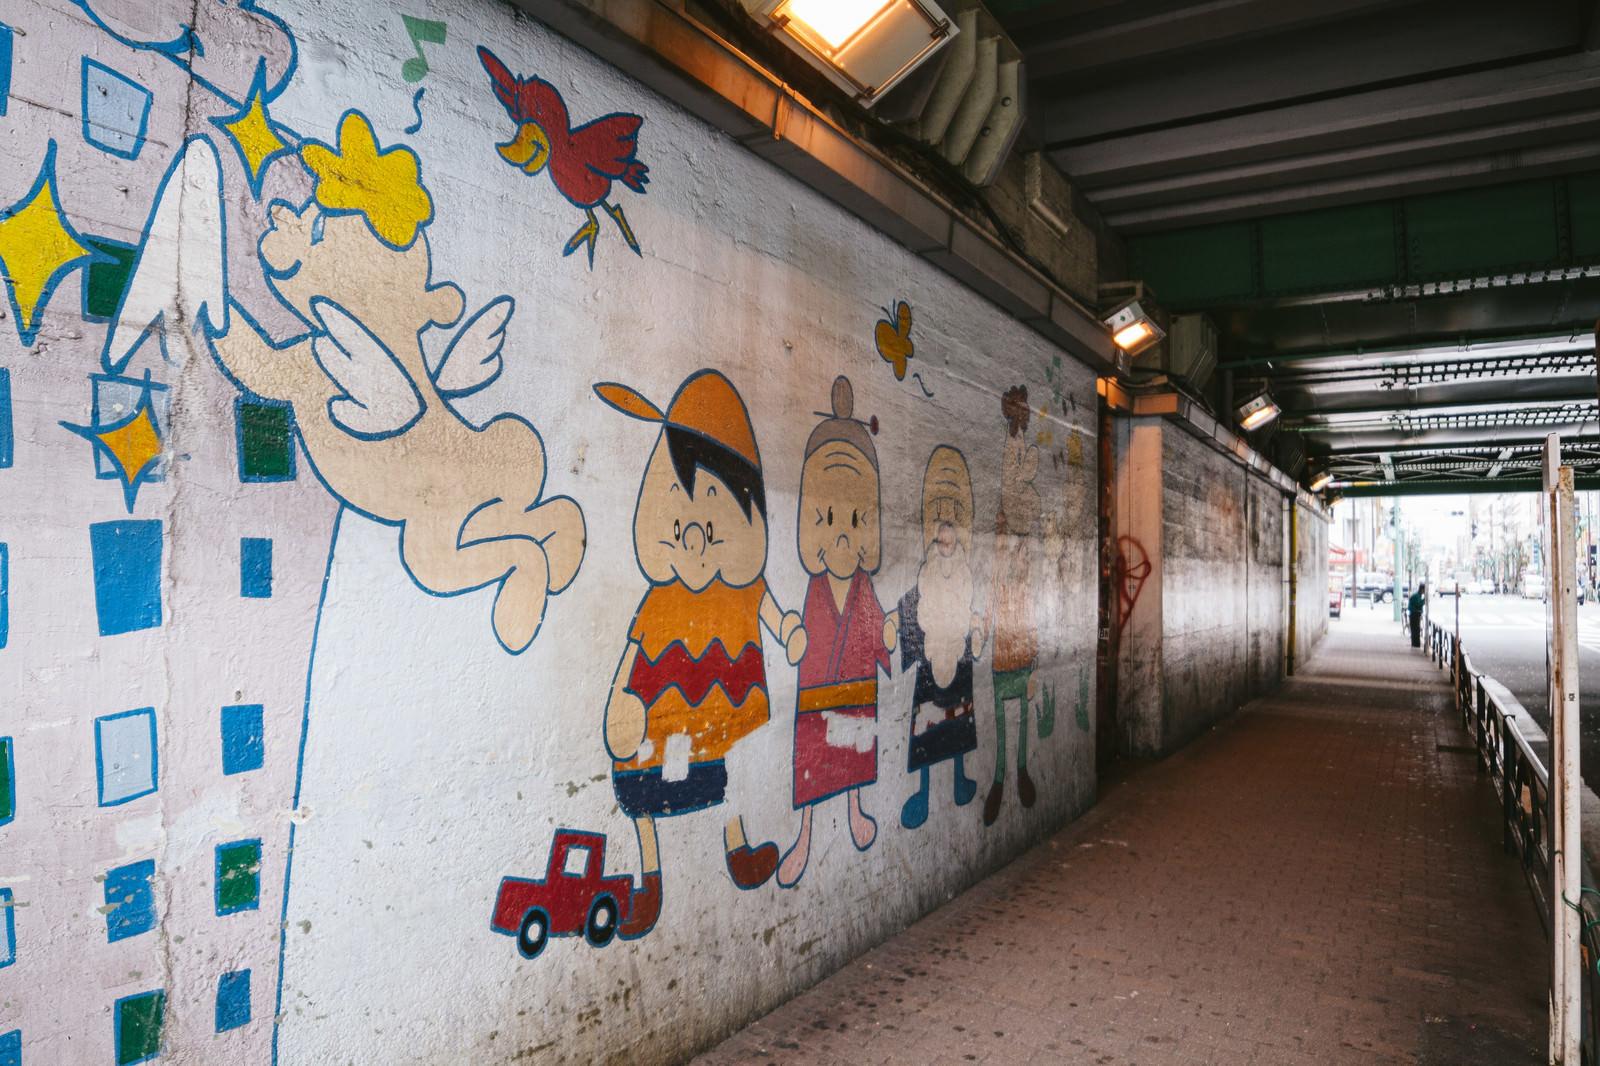 「壁に描かれたイラスト(新大久保)」の写真